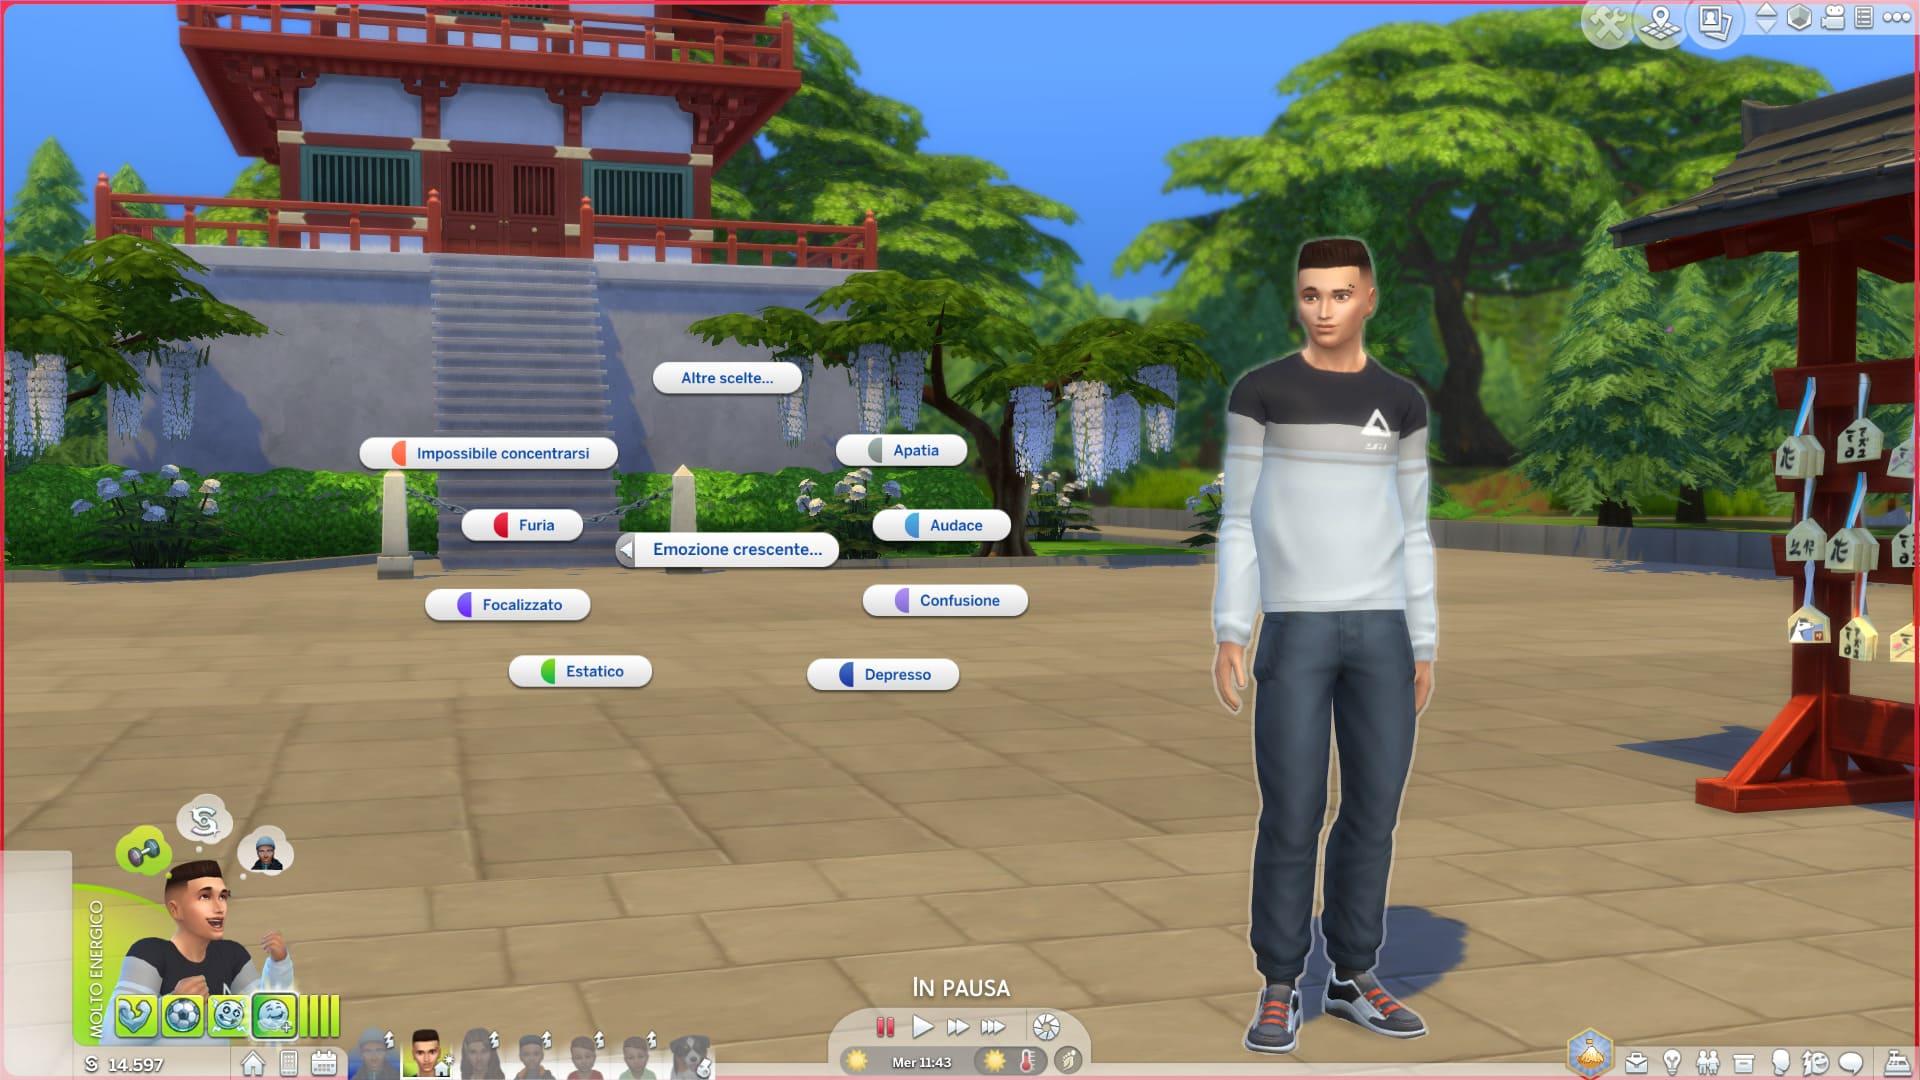 The Sims 4 Oasi Innevata - Come controllare le emozioni dei Sims